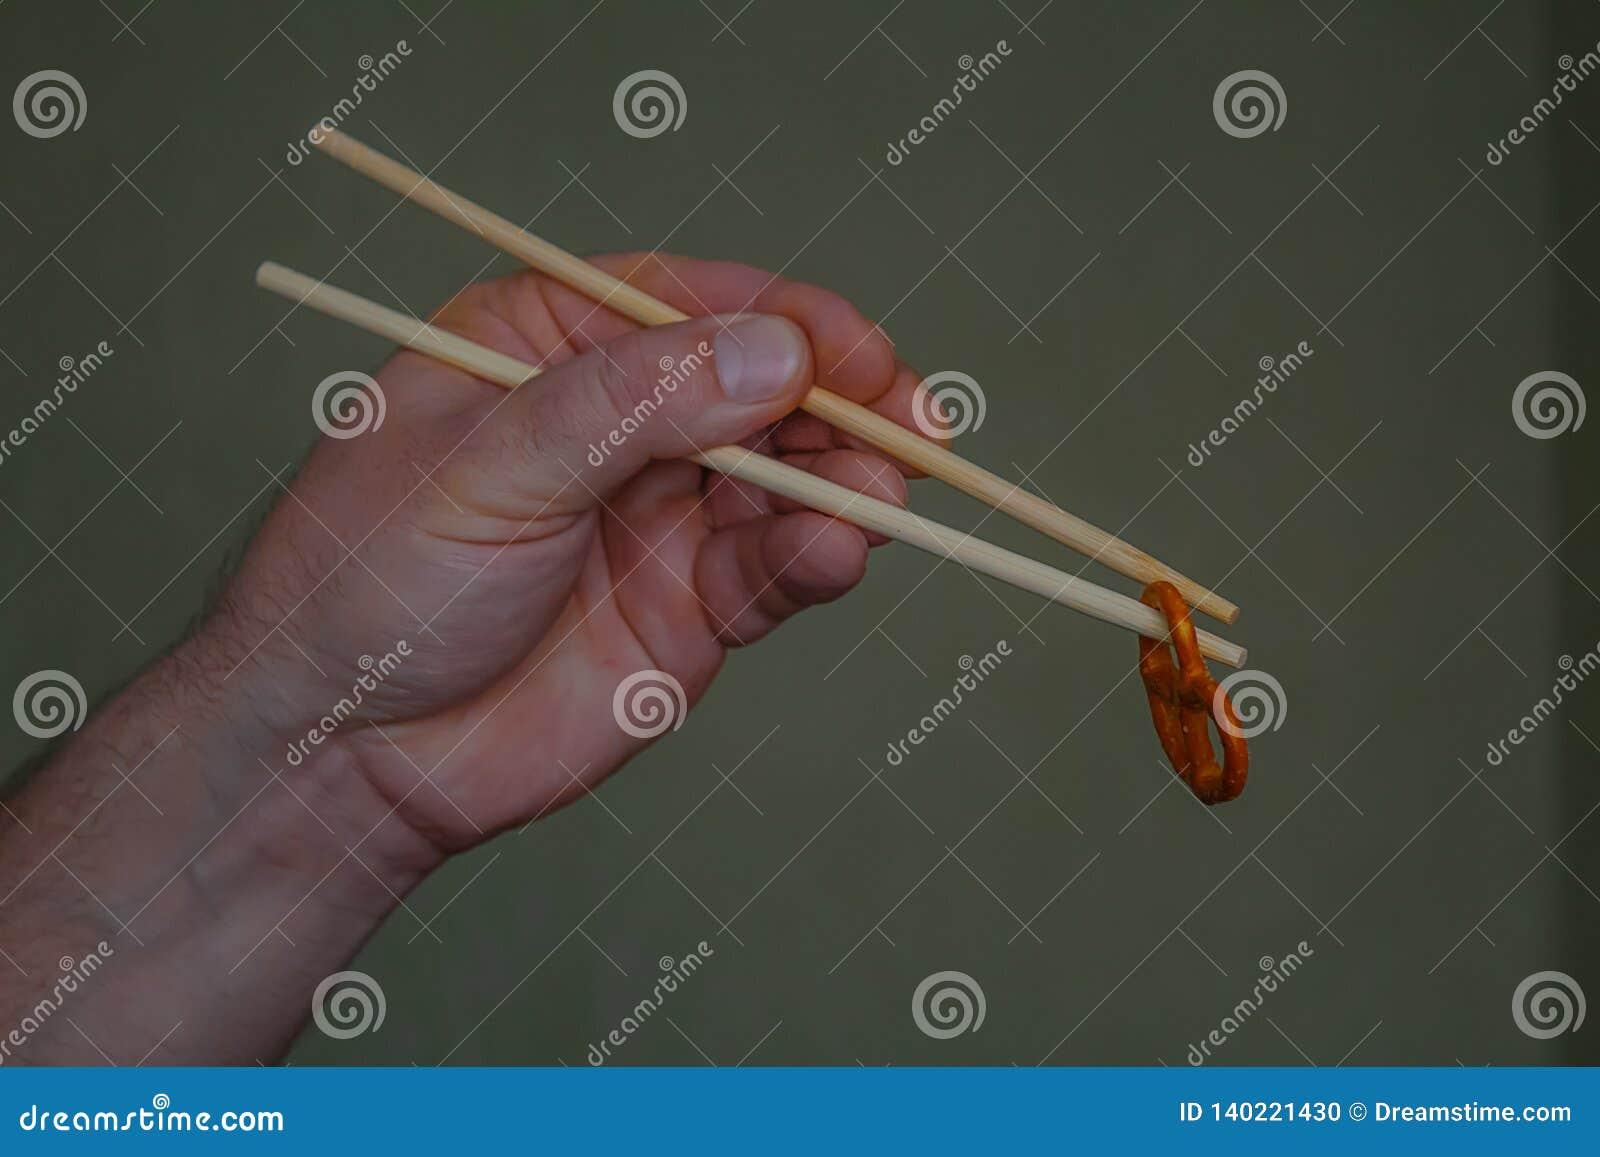 Die chinesischen Essstäbchen in einer Hand